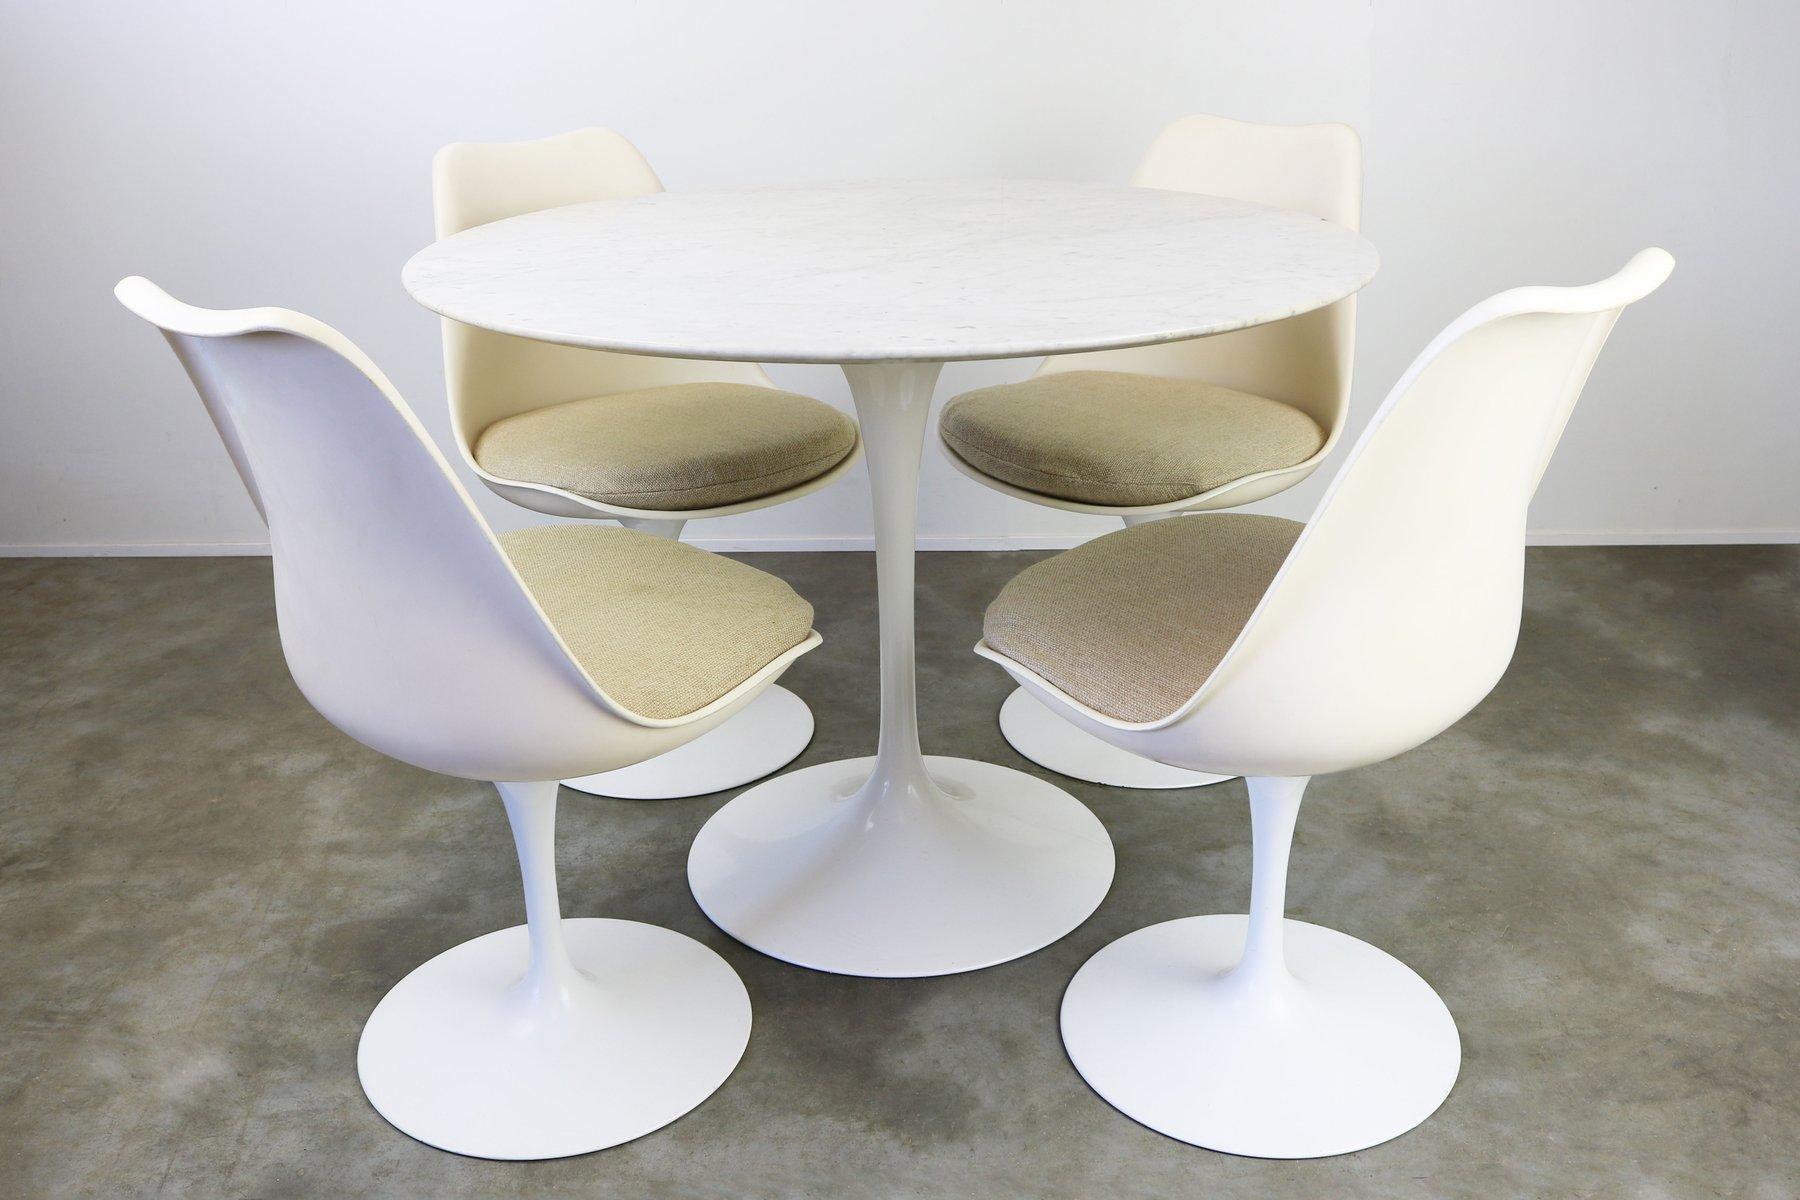 Tulip Esszimmer Set mit Marmor Tisch von Eero Saarinen für Knoll Inter...